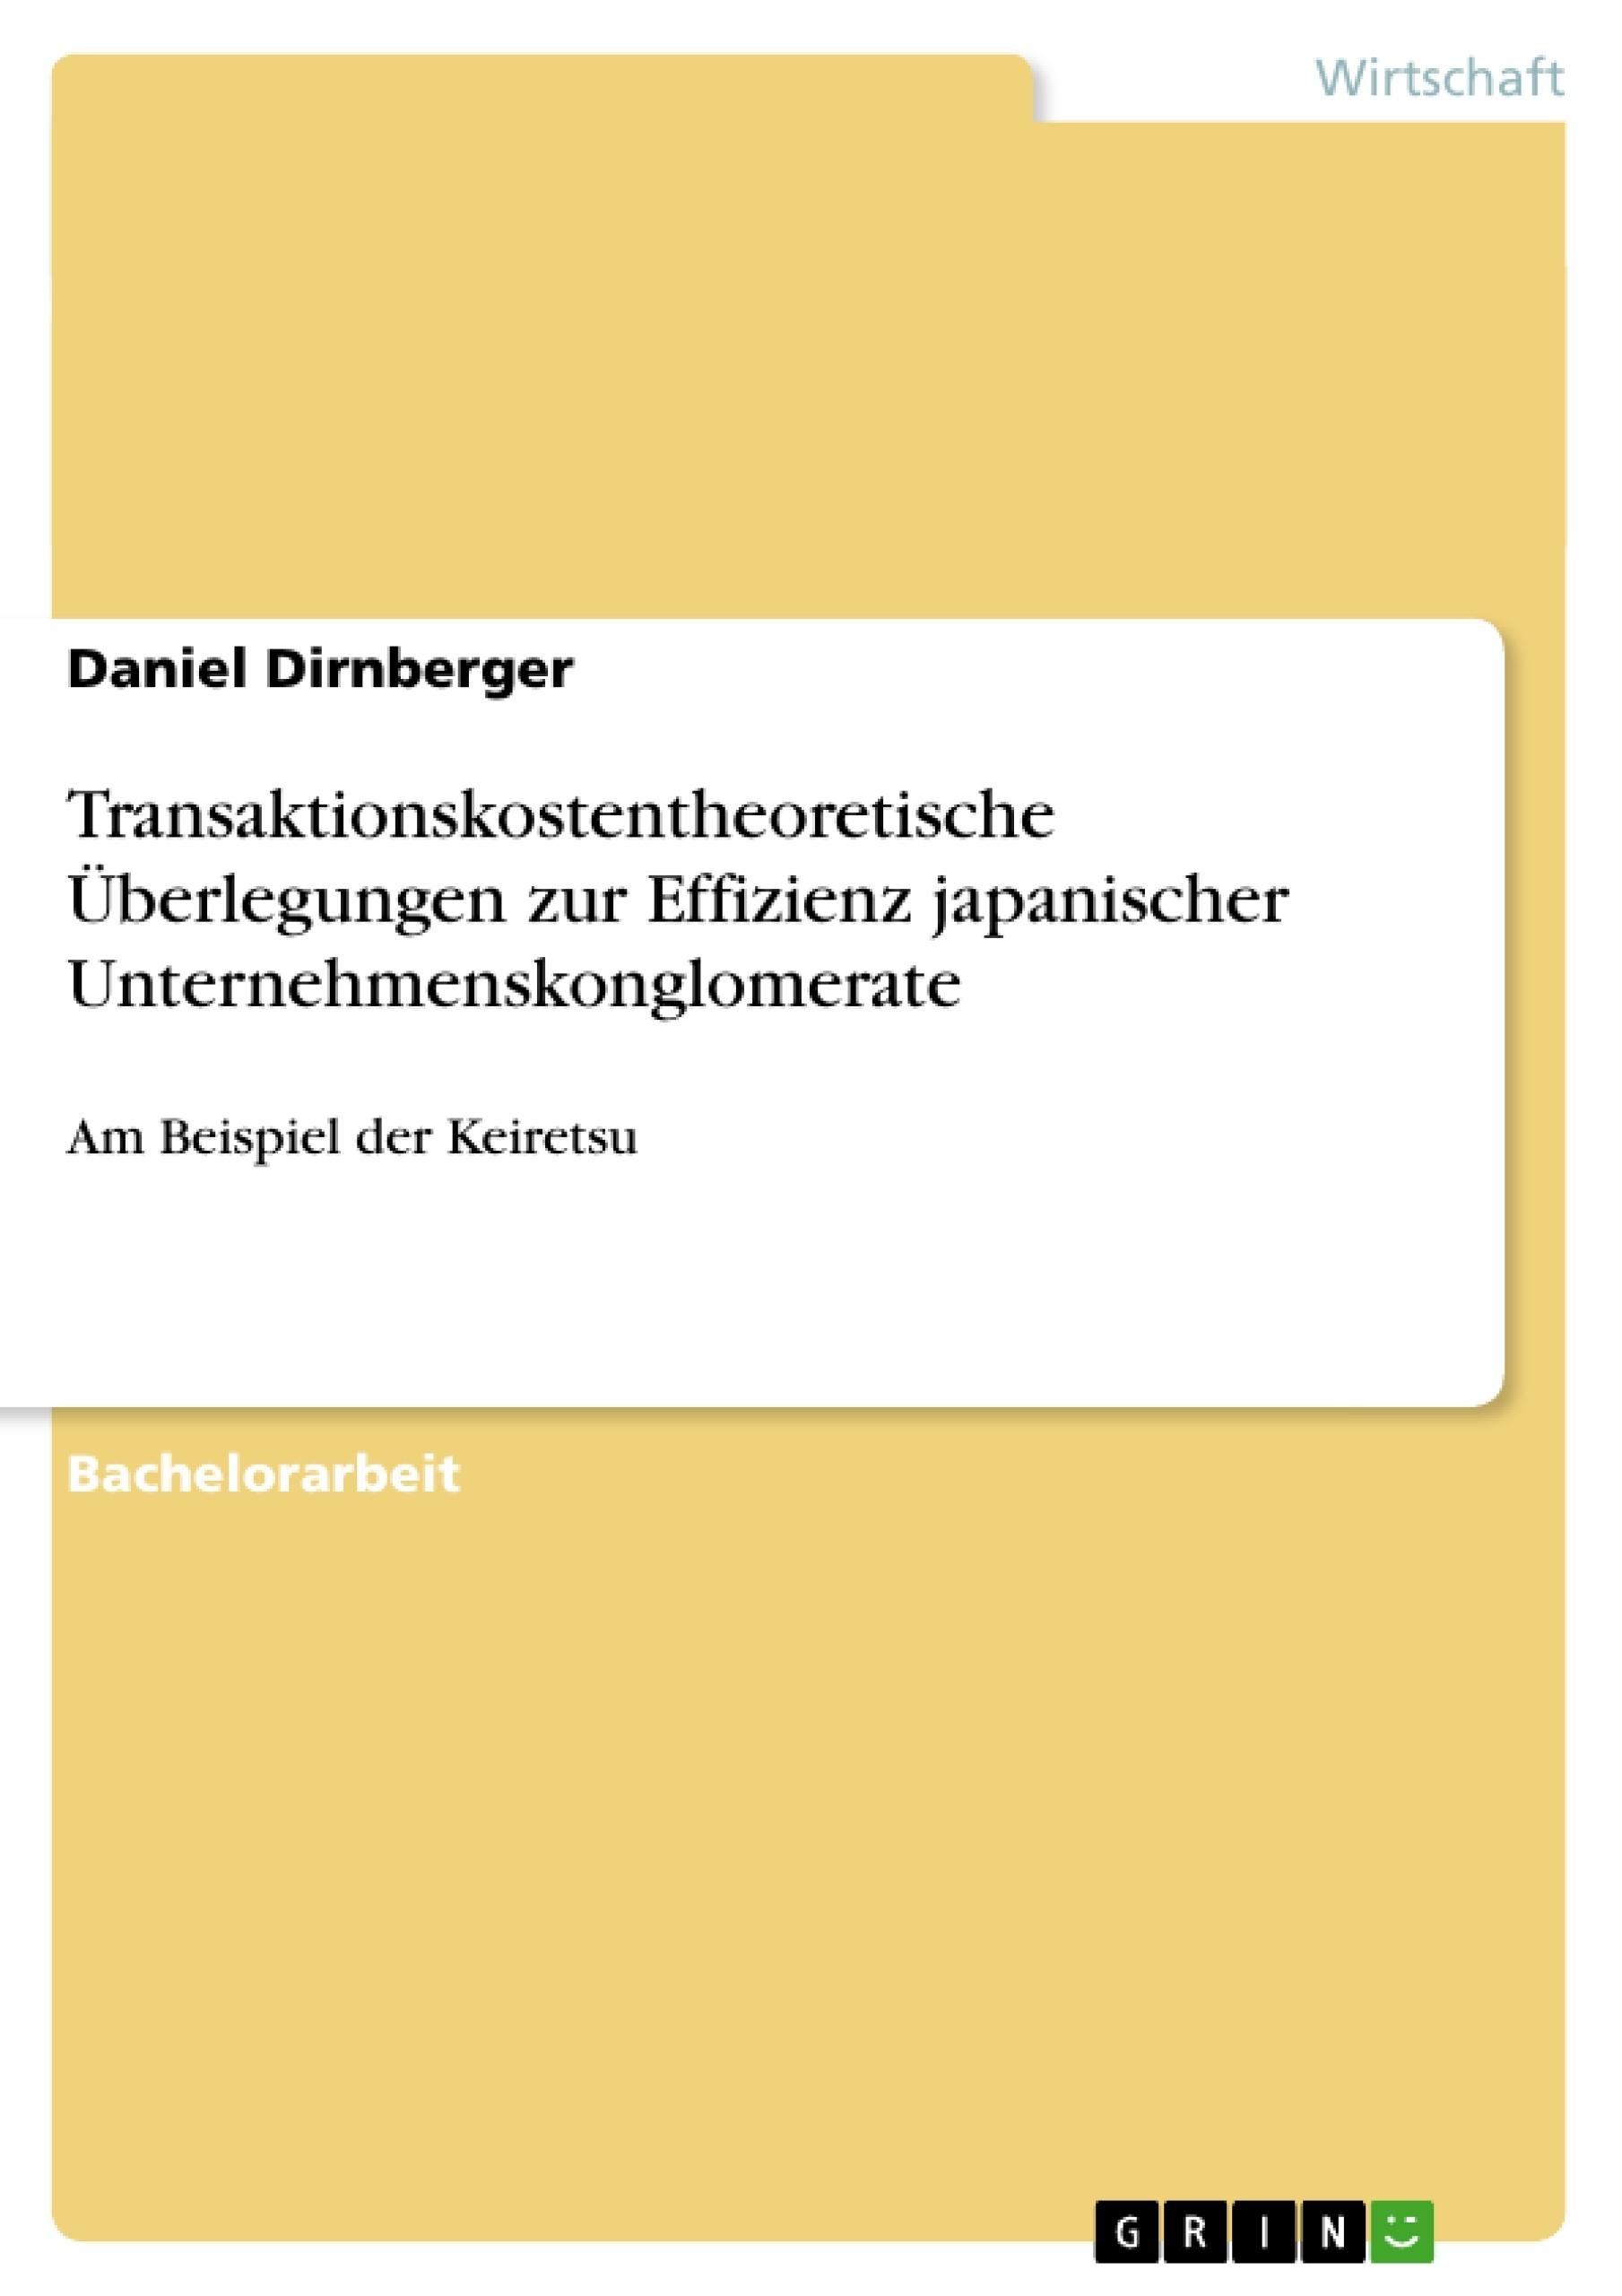 Titel: Transaktionskostentheoretische Überlegungen zur Effizienz japanischer Unternehmenskonglomerate